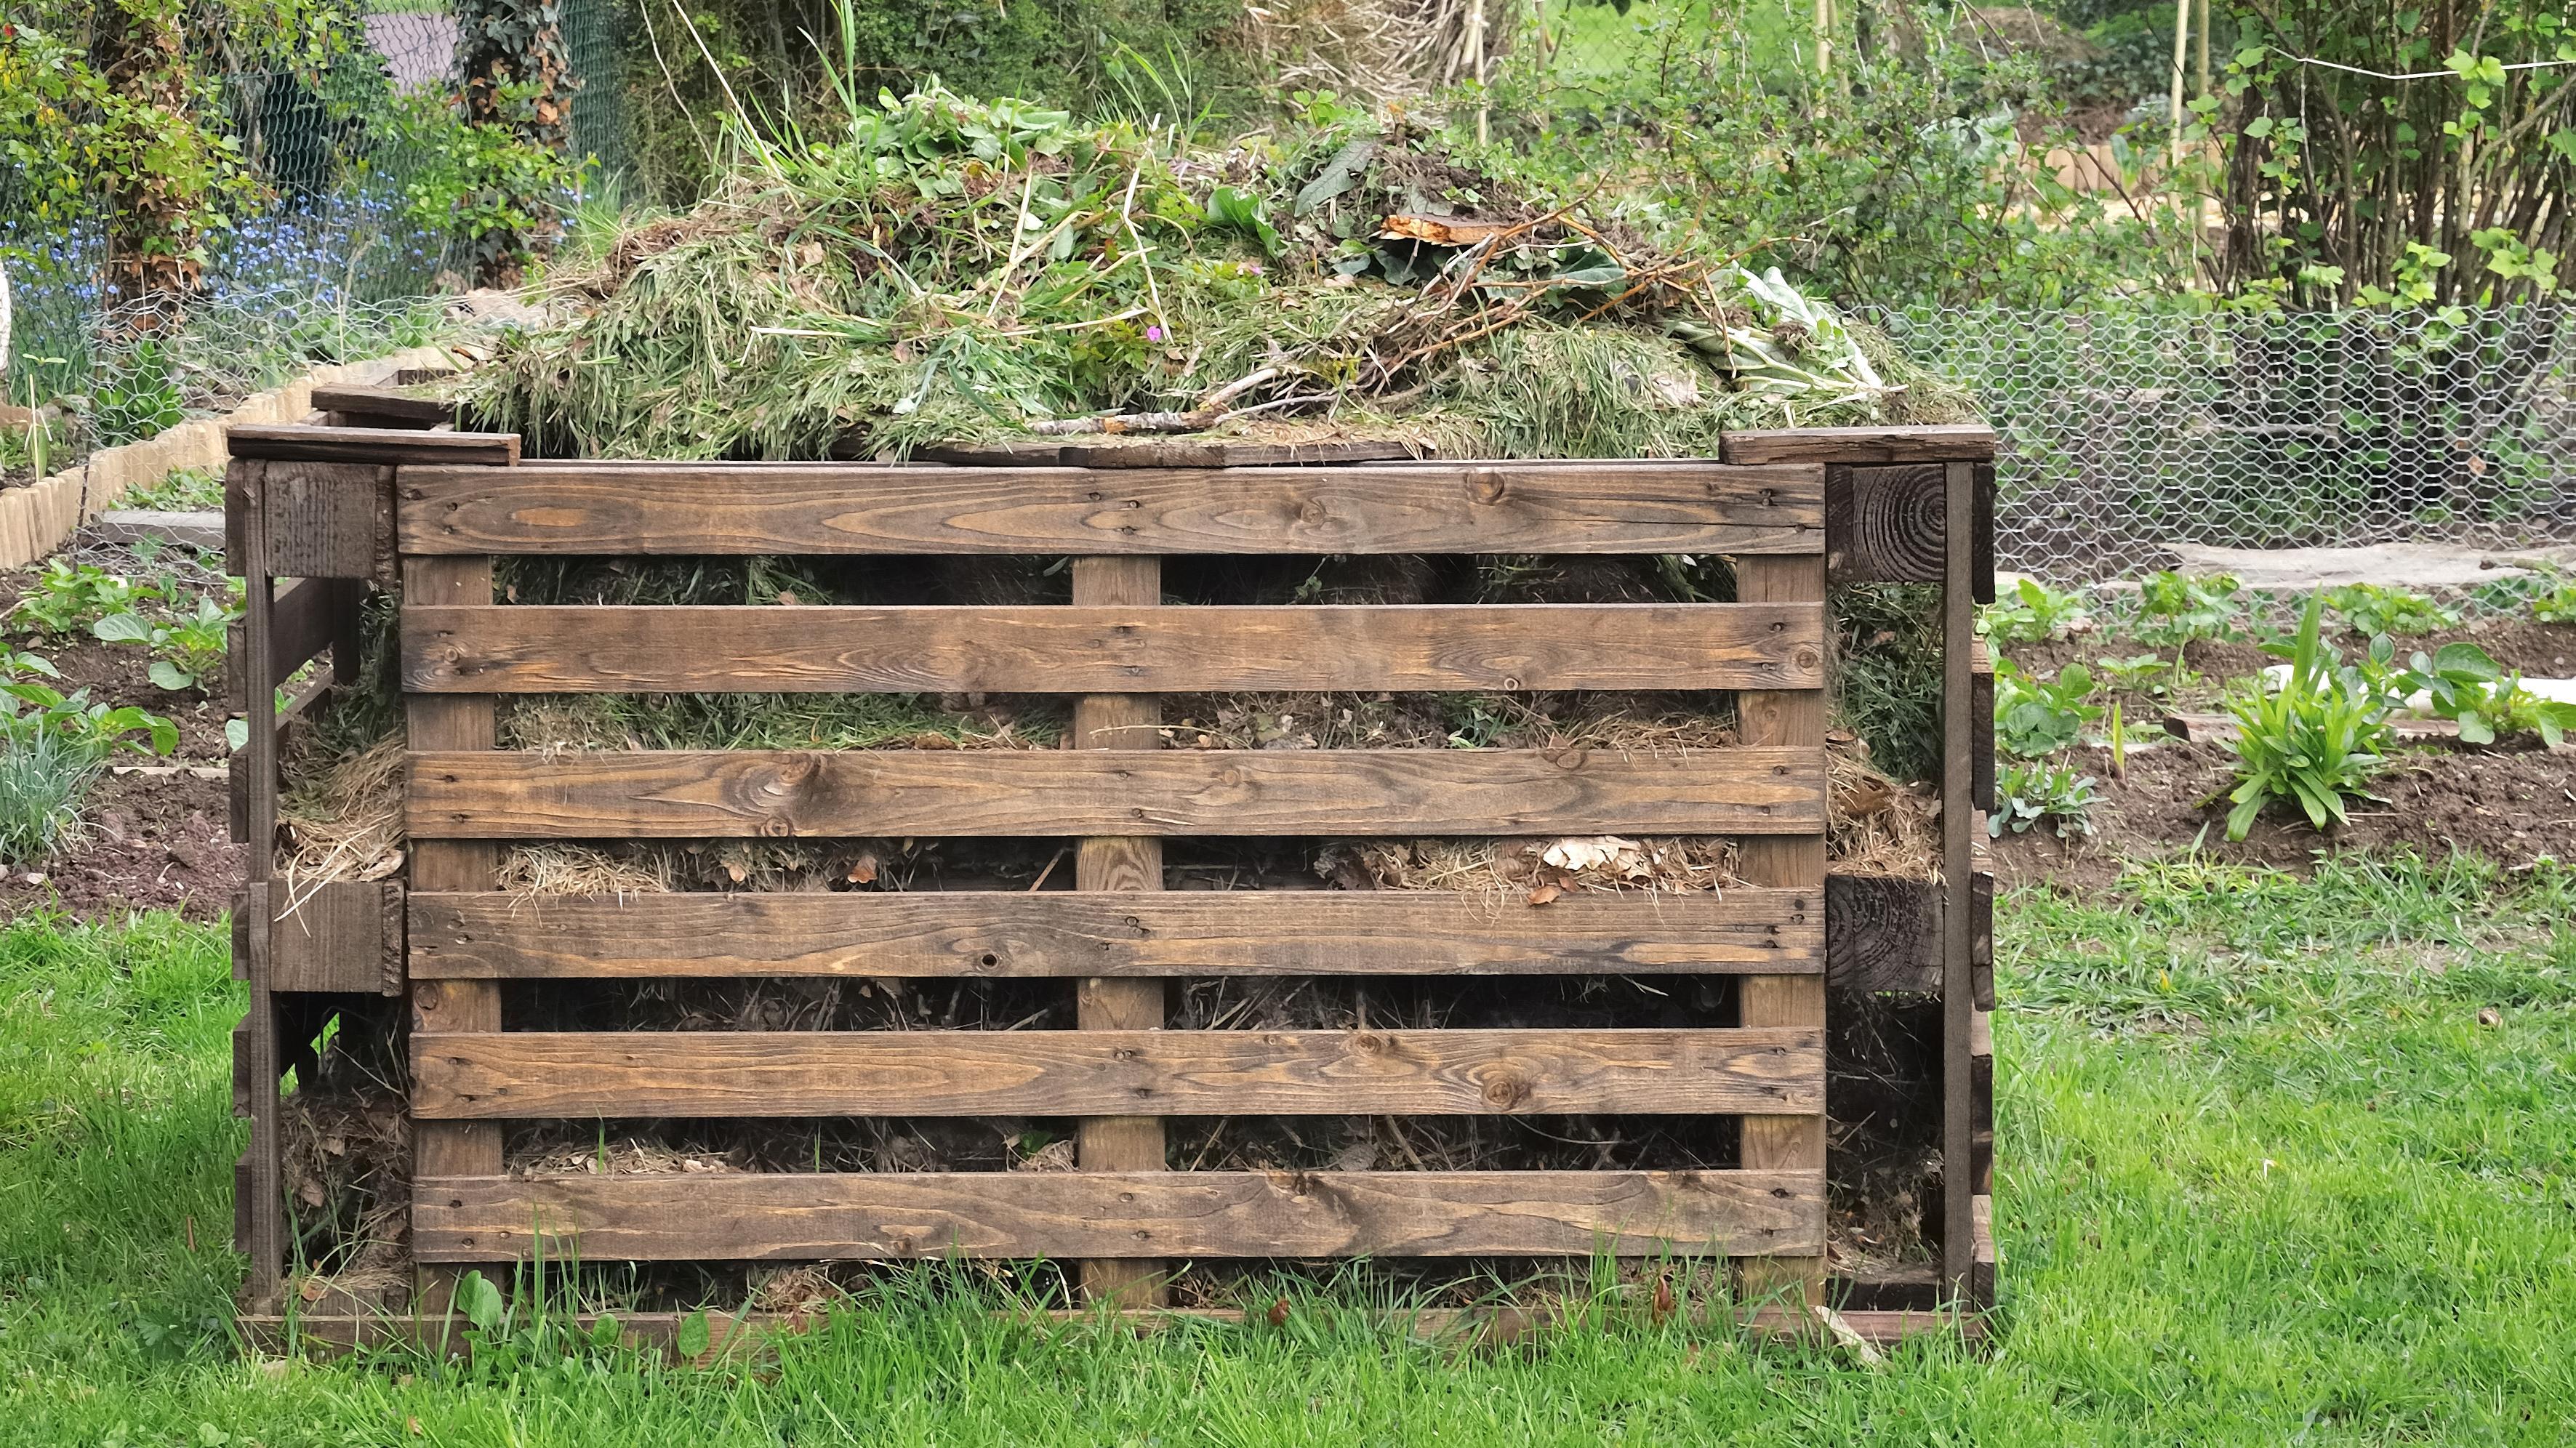 Byg din egen kompost | Lev nu | DR